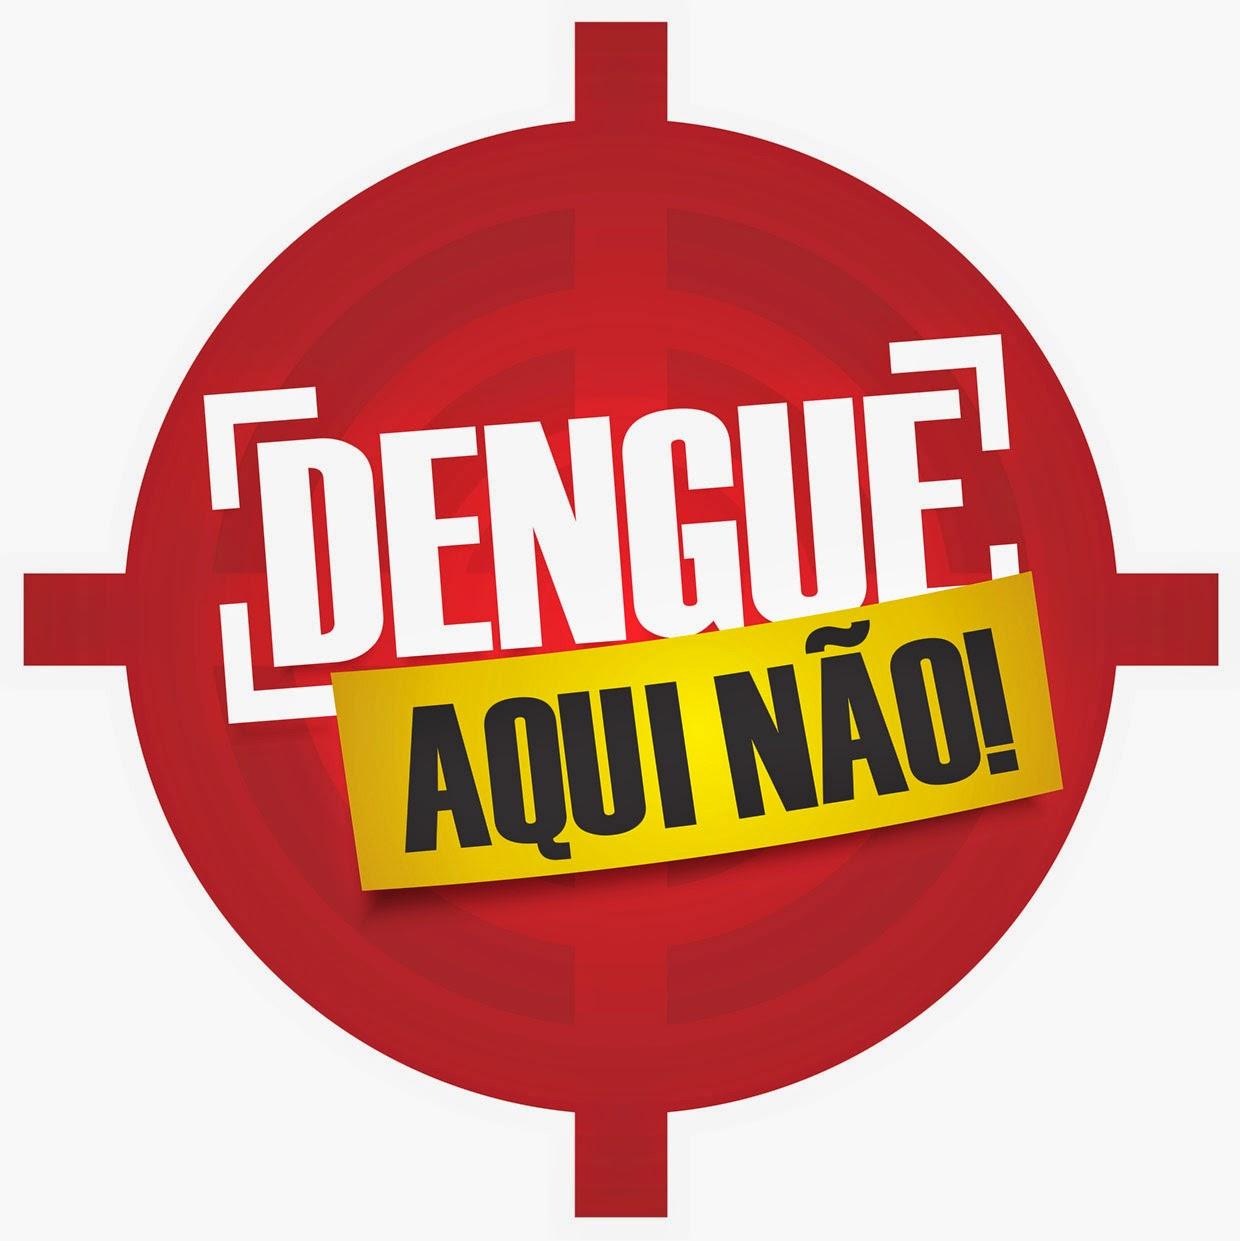 Iguape contra a dengue